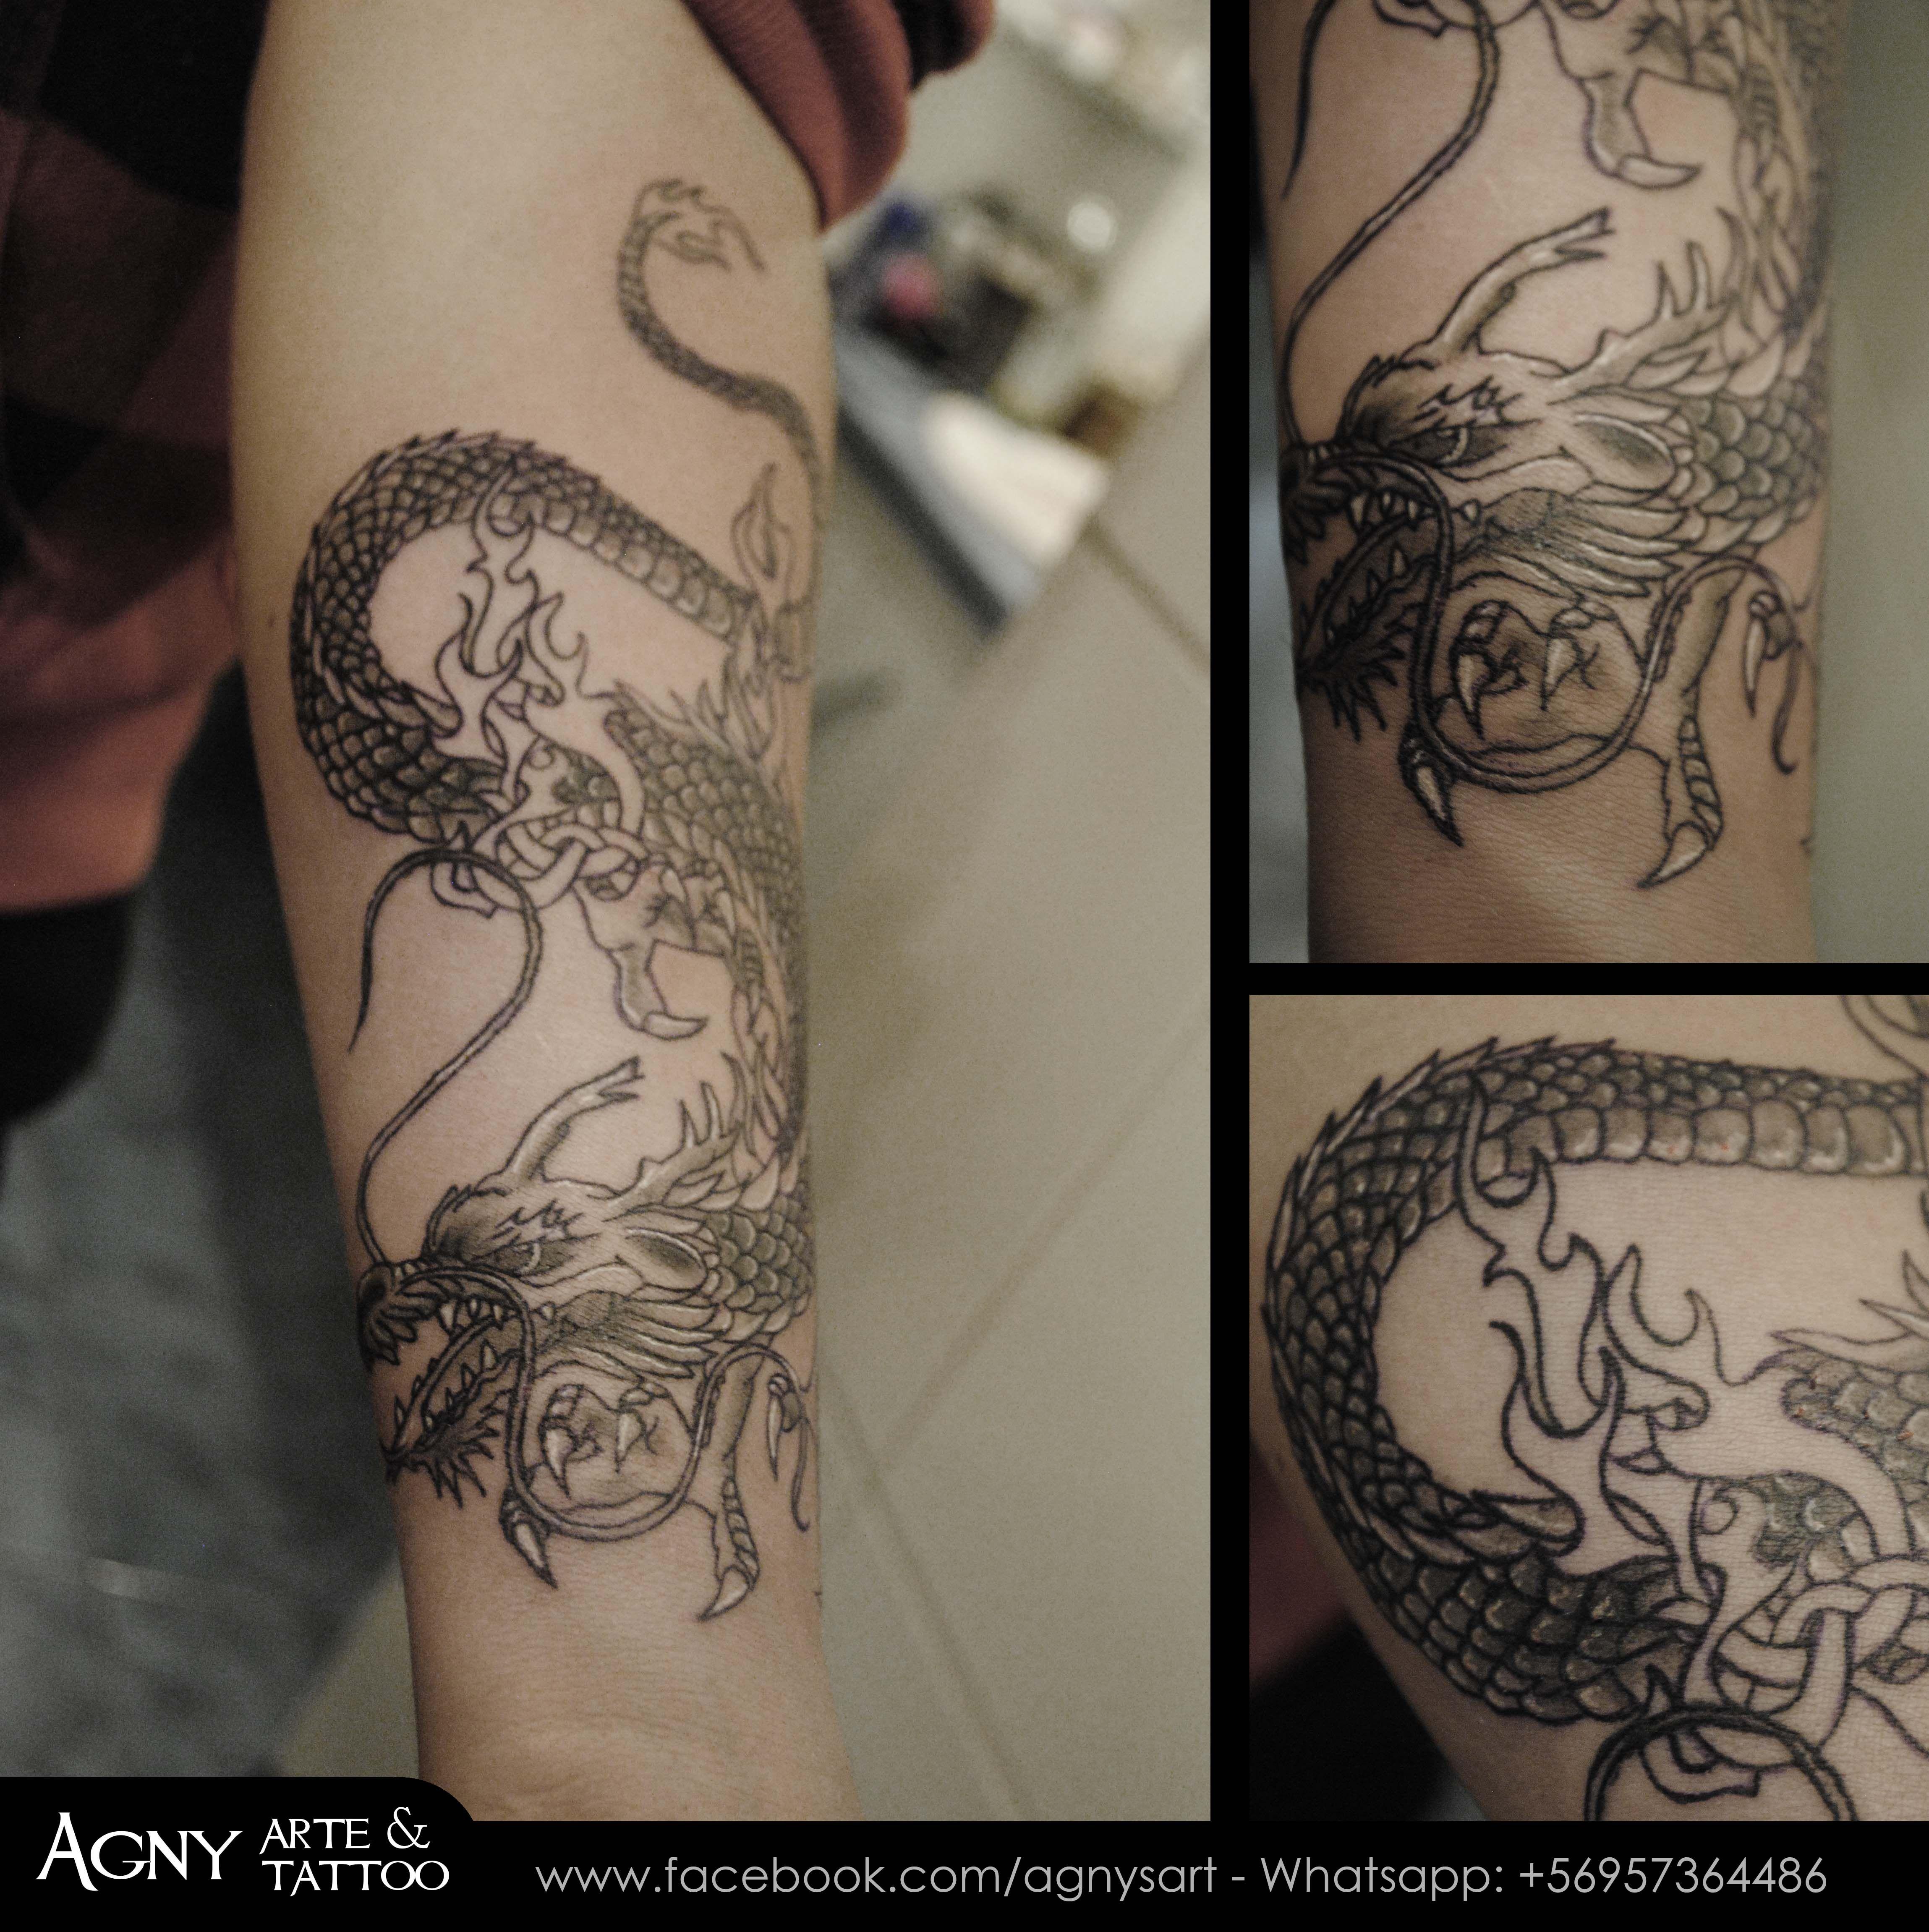 Dragón para Aldo... Parte I. Pronto subiré la parte terminada c: #dragon #chinese #liner #shading #blackandgrey